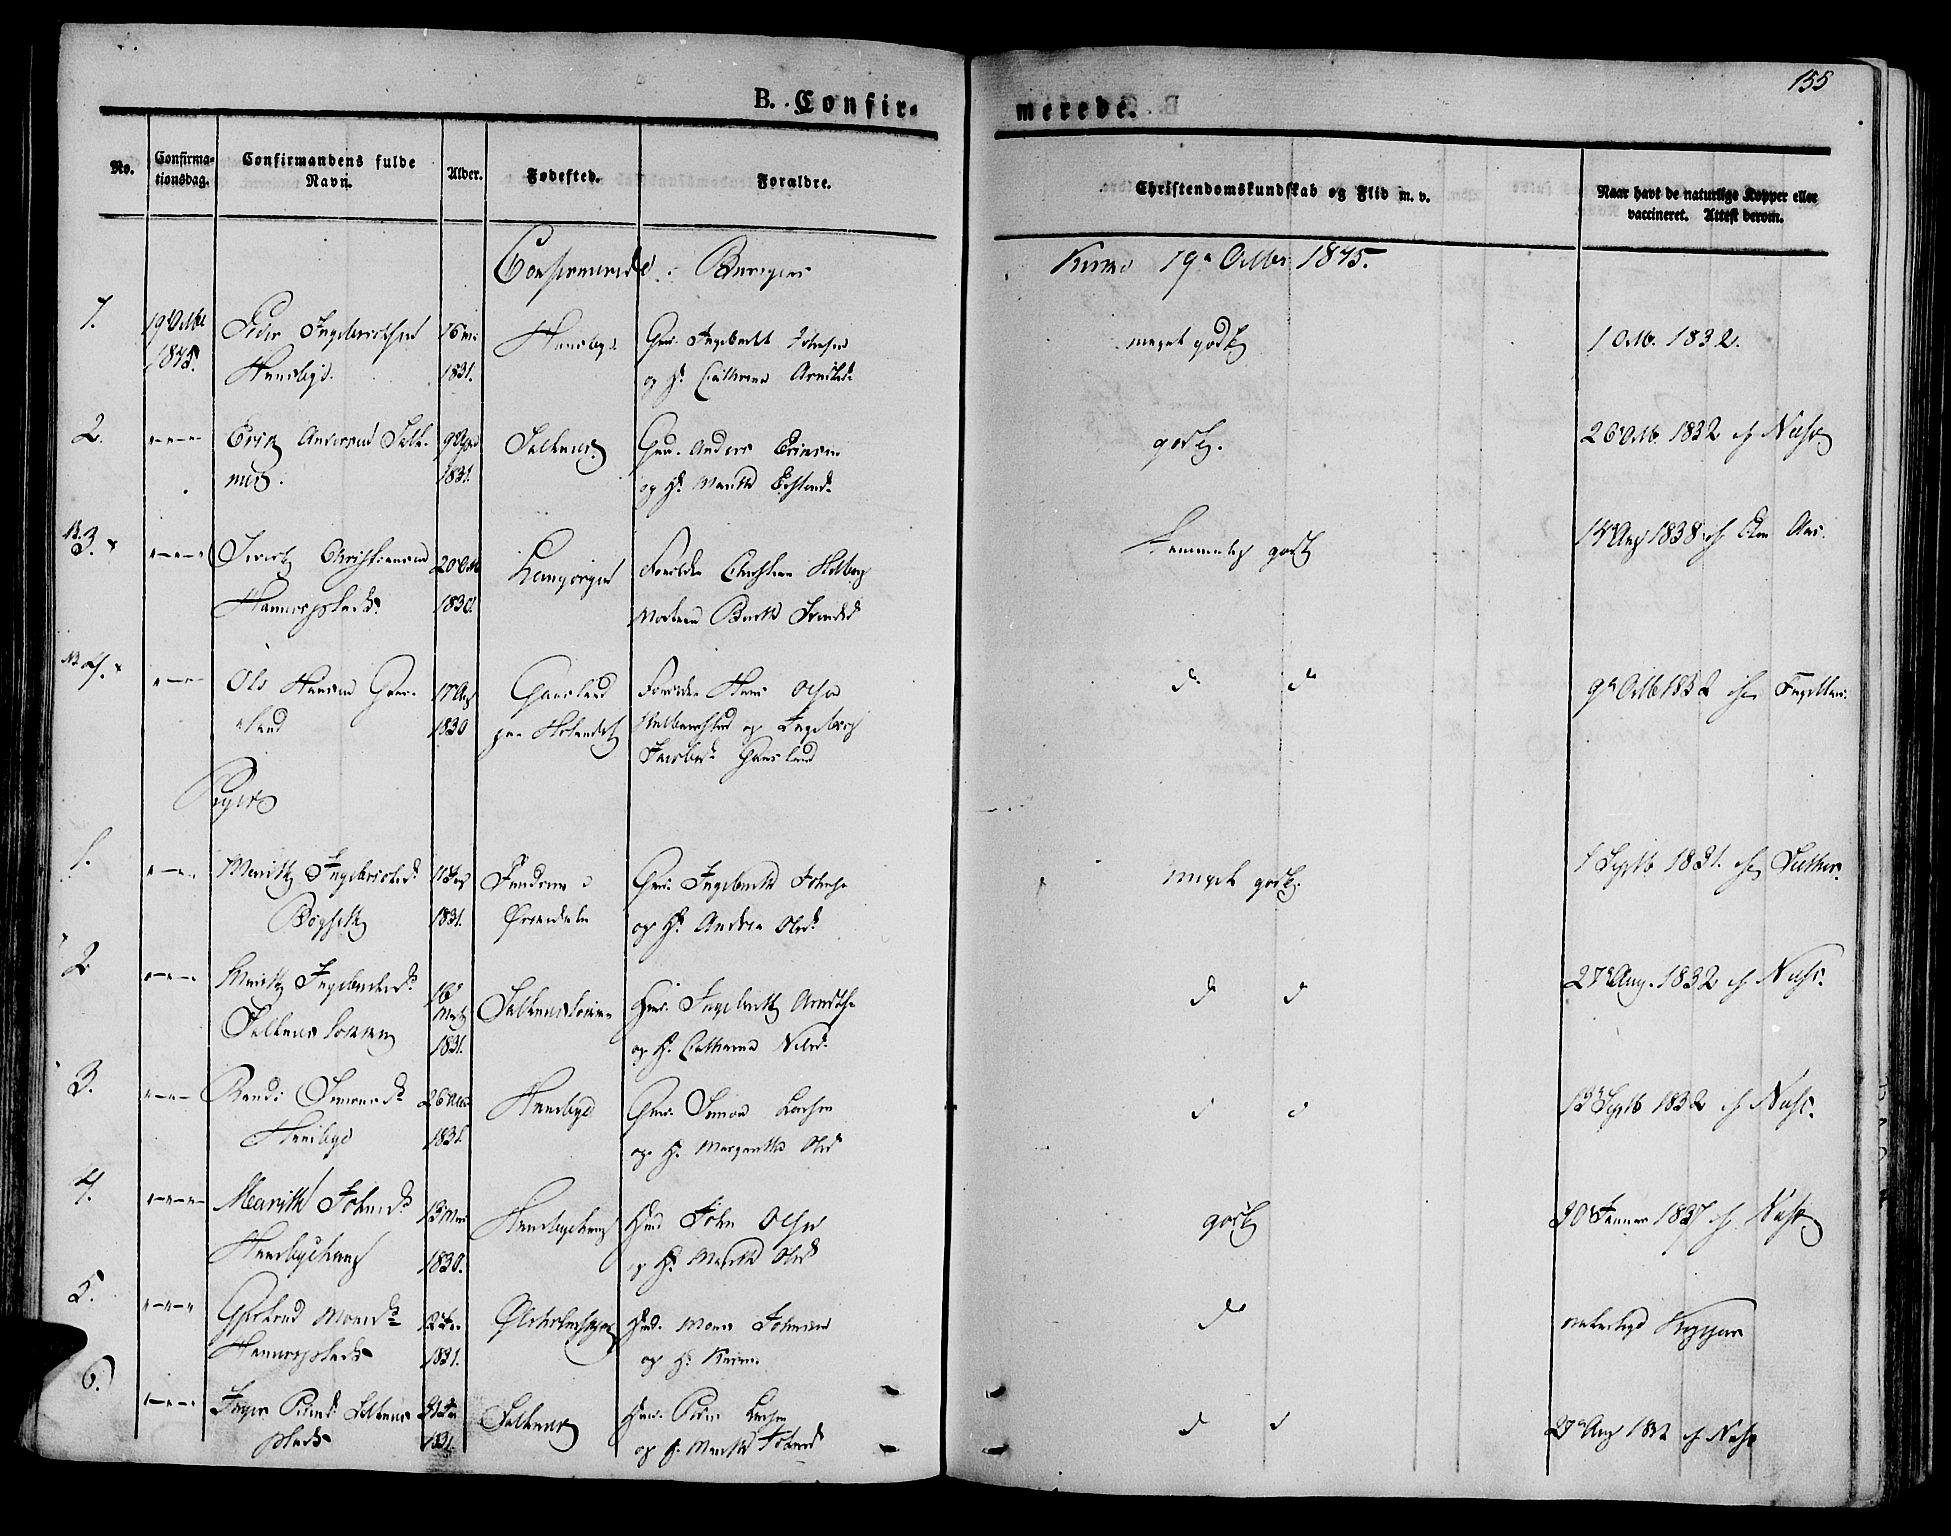 SAT, Ministerialprotokoller, klokkerbøker og fødselsregistre - Sør-Trøndelag, 612/L0375: Ministerialbok nr. 612A07 /2, 1829-1845, s. 155